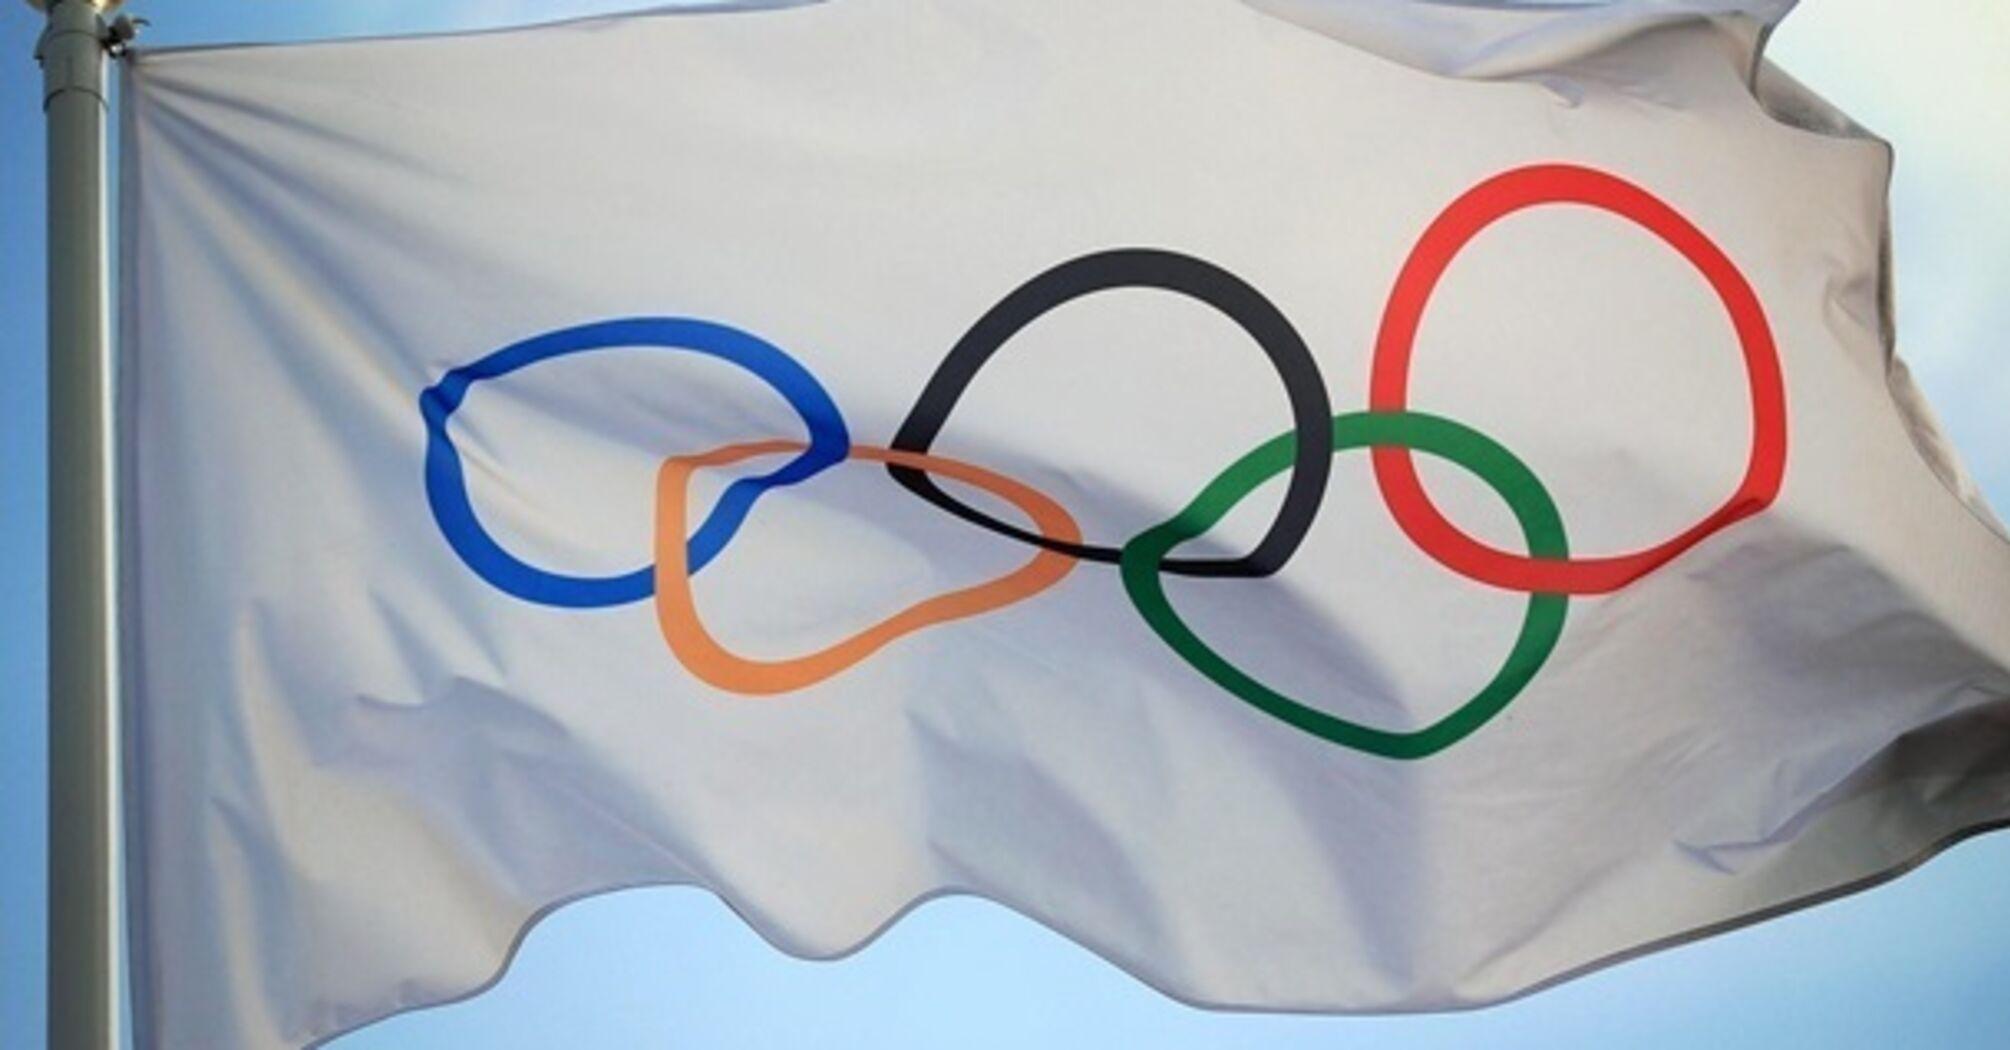 Организаторы Олимпиады в Токио опровергли сообщения о возможной отмене игр